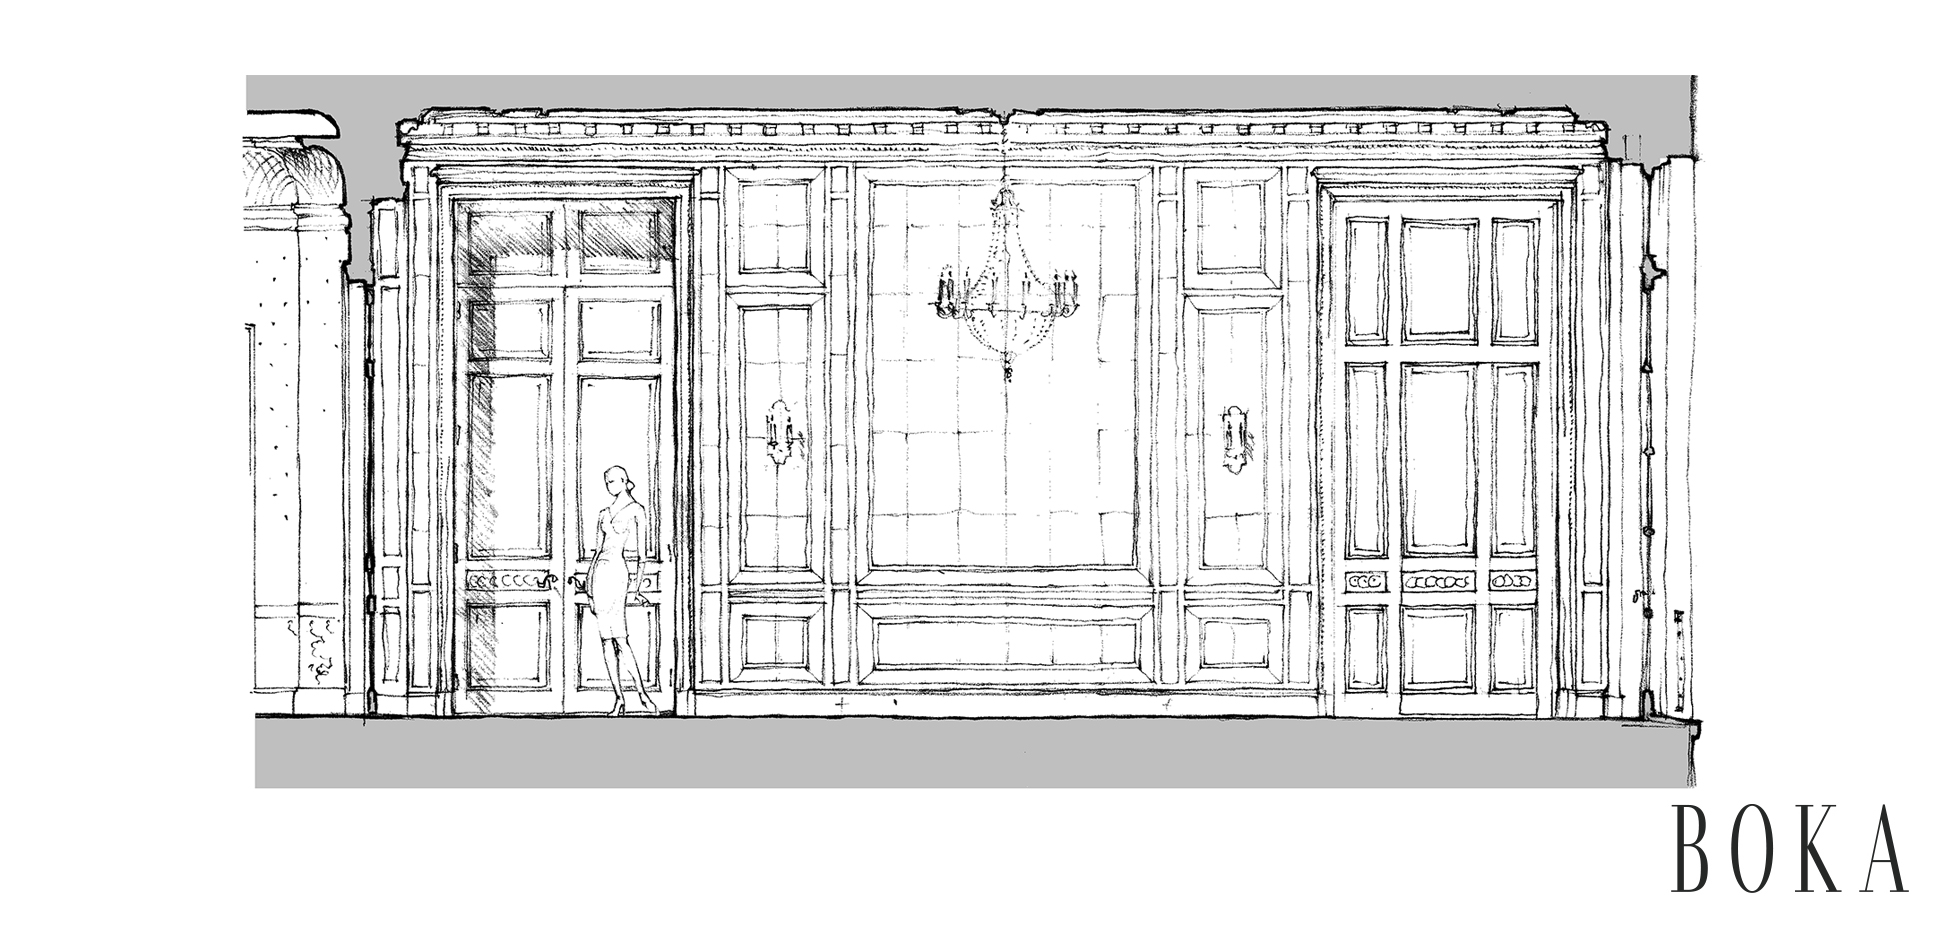 15 Upper Eastside Townhouse Dining Room